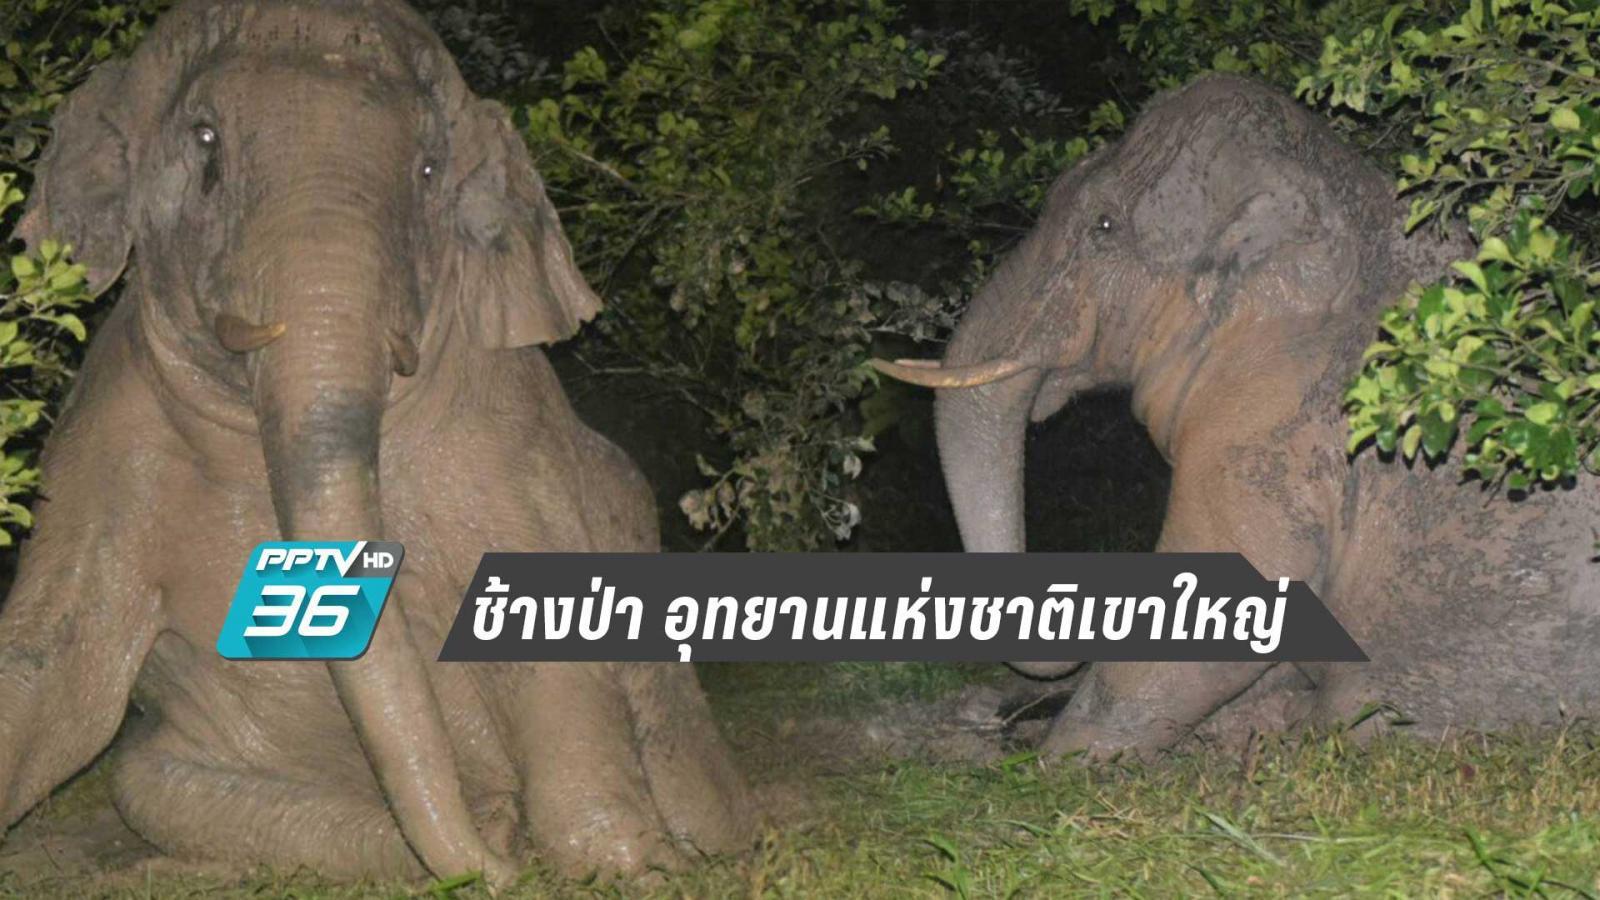 """""""ช้างป่า อุทยานแห่งชาติเขาใหญ่ อวดโฉม โพสต์ท่าให้เจ้าหน้าที่ ถ่ายภาพ"""""""